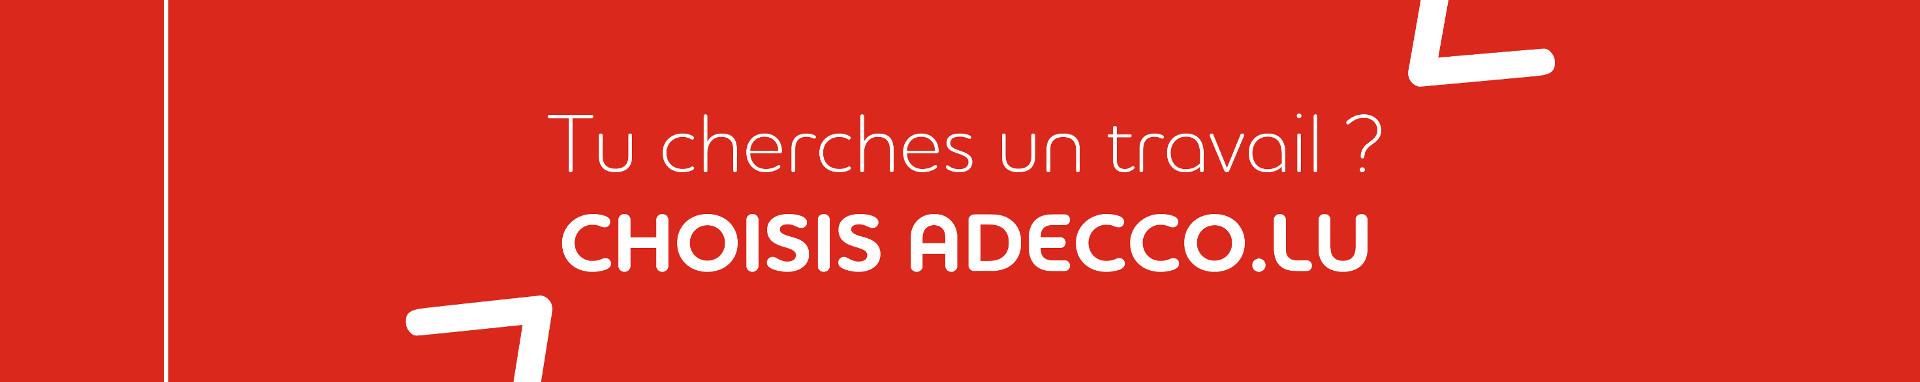 """<h1>Notre métier est de trouver le vôtre.</h1> <p>Vous cherchez un emploi, un job d'été, un emploi en intérim, un CDD ou CDI au Luxembourg ? Nous vous souhaitons la bienvenue.</p> <p>Adecco Luxembourg est présent à travers le Grand-Duché avec<a title=""""agences intérim et recrutement Luxembourg"""" href=""""https://www.adecco.lu/fr-lu/adresse-agences-emploi"""">8 agences d'emploi</a>, chacune spécialisée dans le secteur d'activité pour lequel elle recrute. Où que vous soyez, une agence Adecco est certainement à côté, serrez la main que vous tendent nos consultants.<br />Chaque jour ils sont plus de 1 500 à trouver un job avec nous. Et pourquoi pas vous ?</p> <p>Alors rendez-vous en agence pour discuter de votre carrière. Quelque soit votre objectif professionnel, Adecco Luxembourg vous aidera à progresser.</p>"""